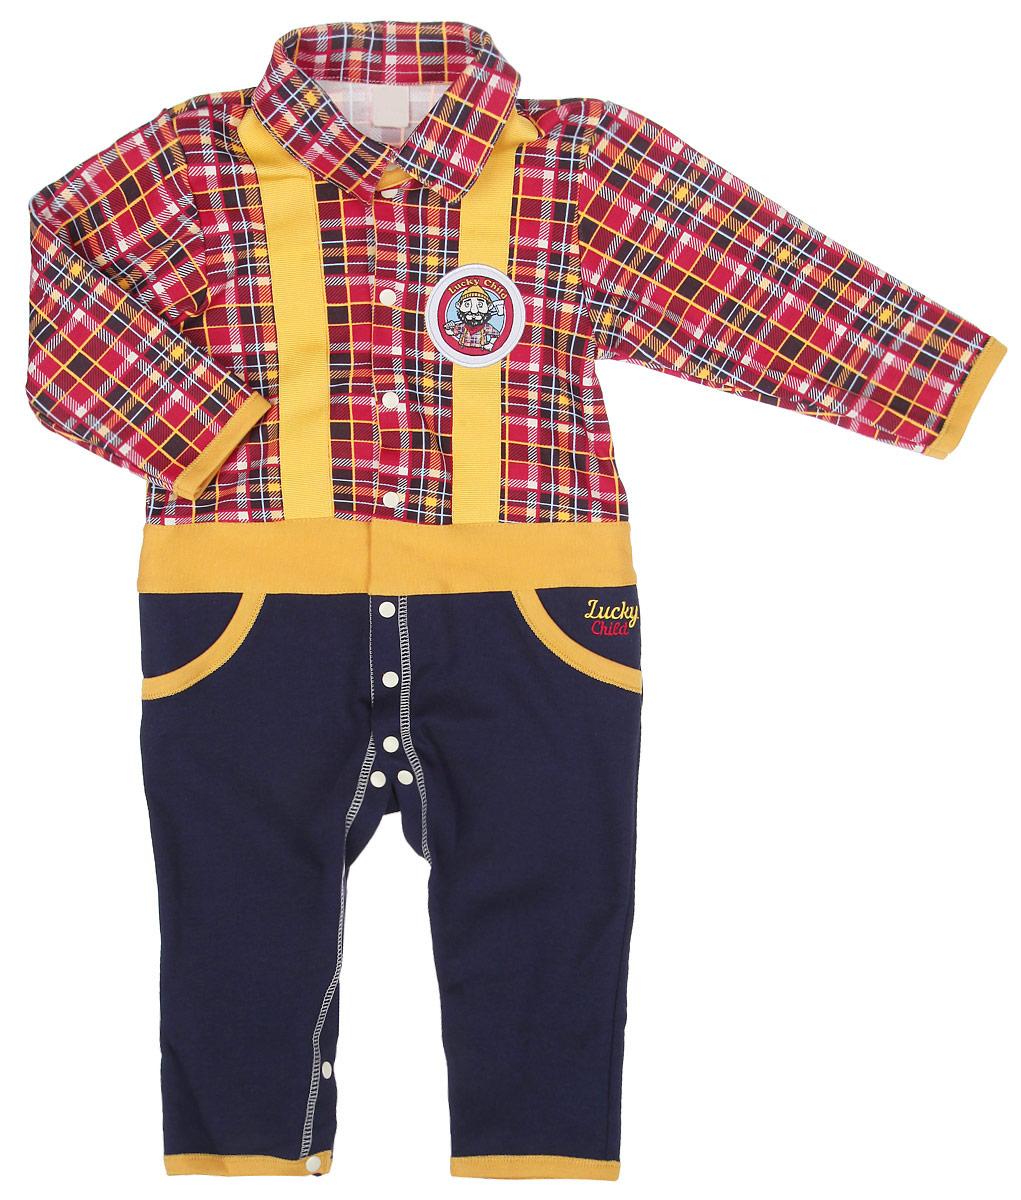 Комбинезон для мальчика Lucky Child Мужички, цвет: красный, желтый, темно-синий. 27-1ф. Размер 80/86, 12-18 месяцев пижама для девочки lucky child цвет кремовый желтый оранжевый 12 402 размер 80 86